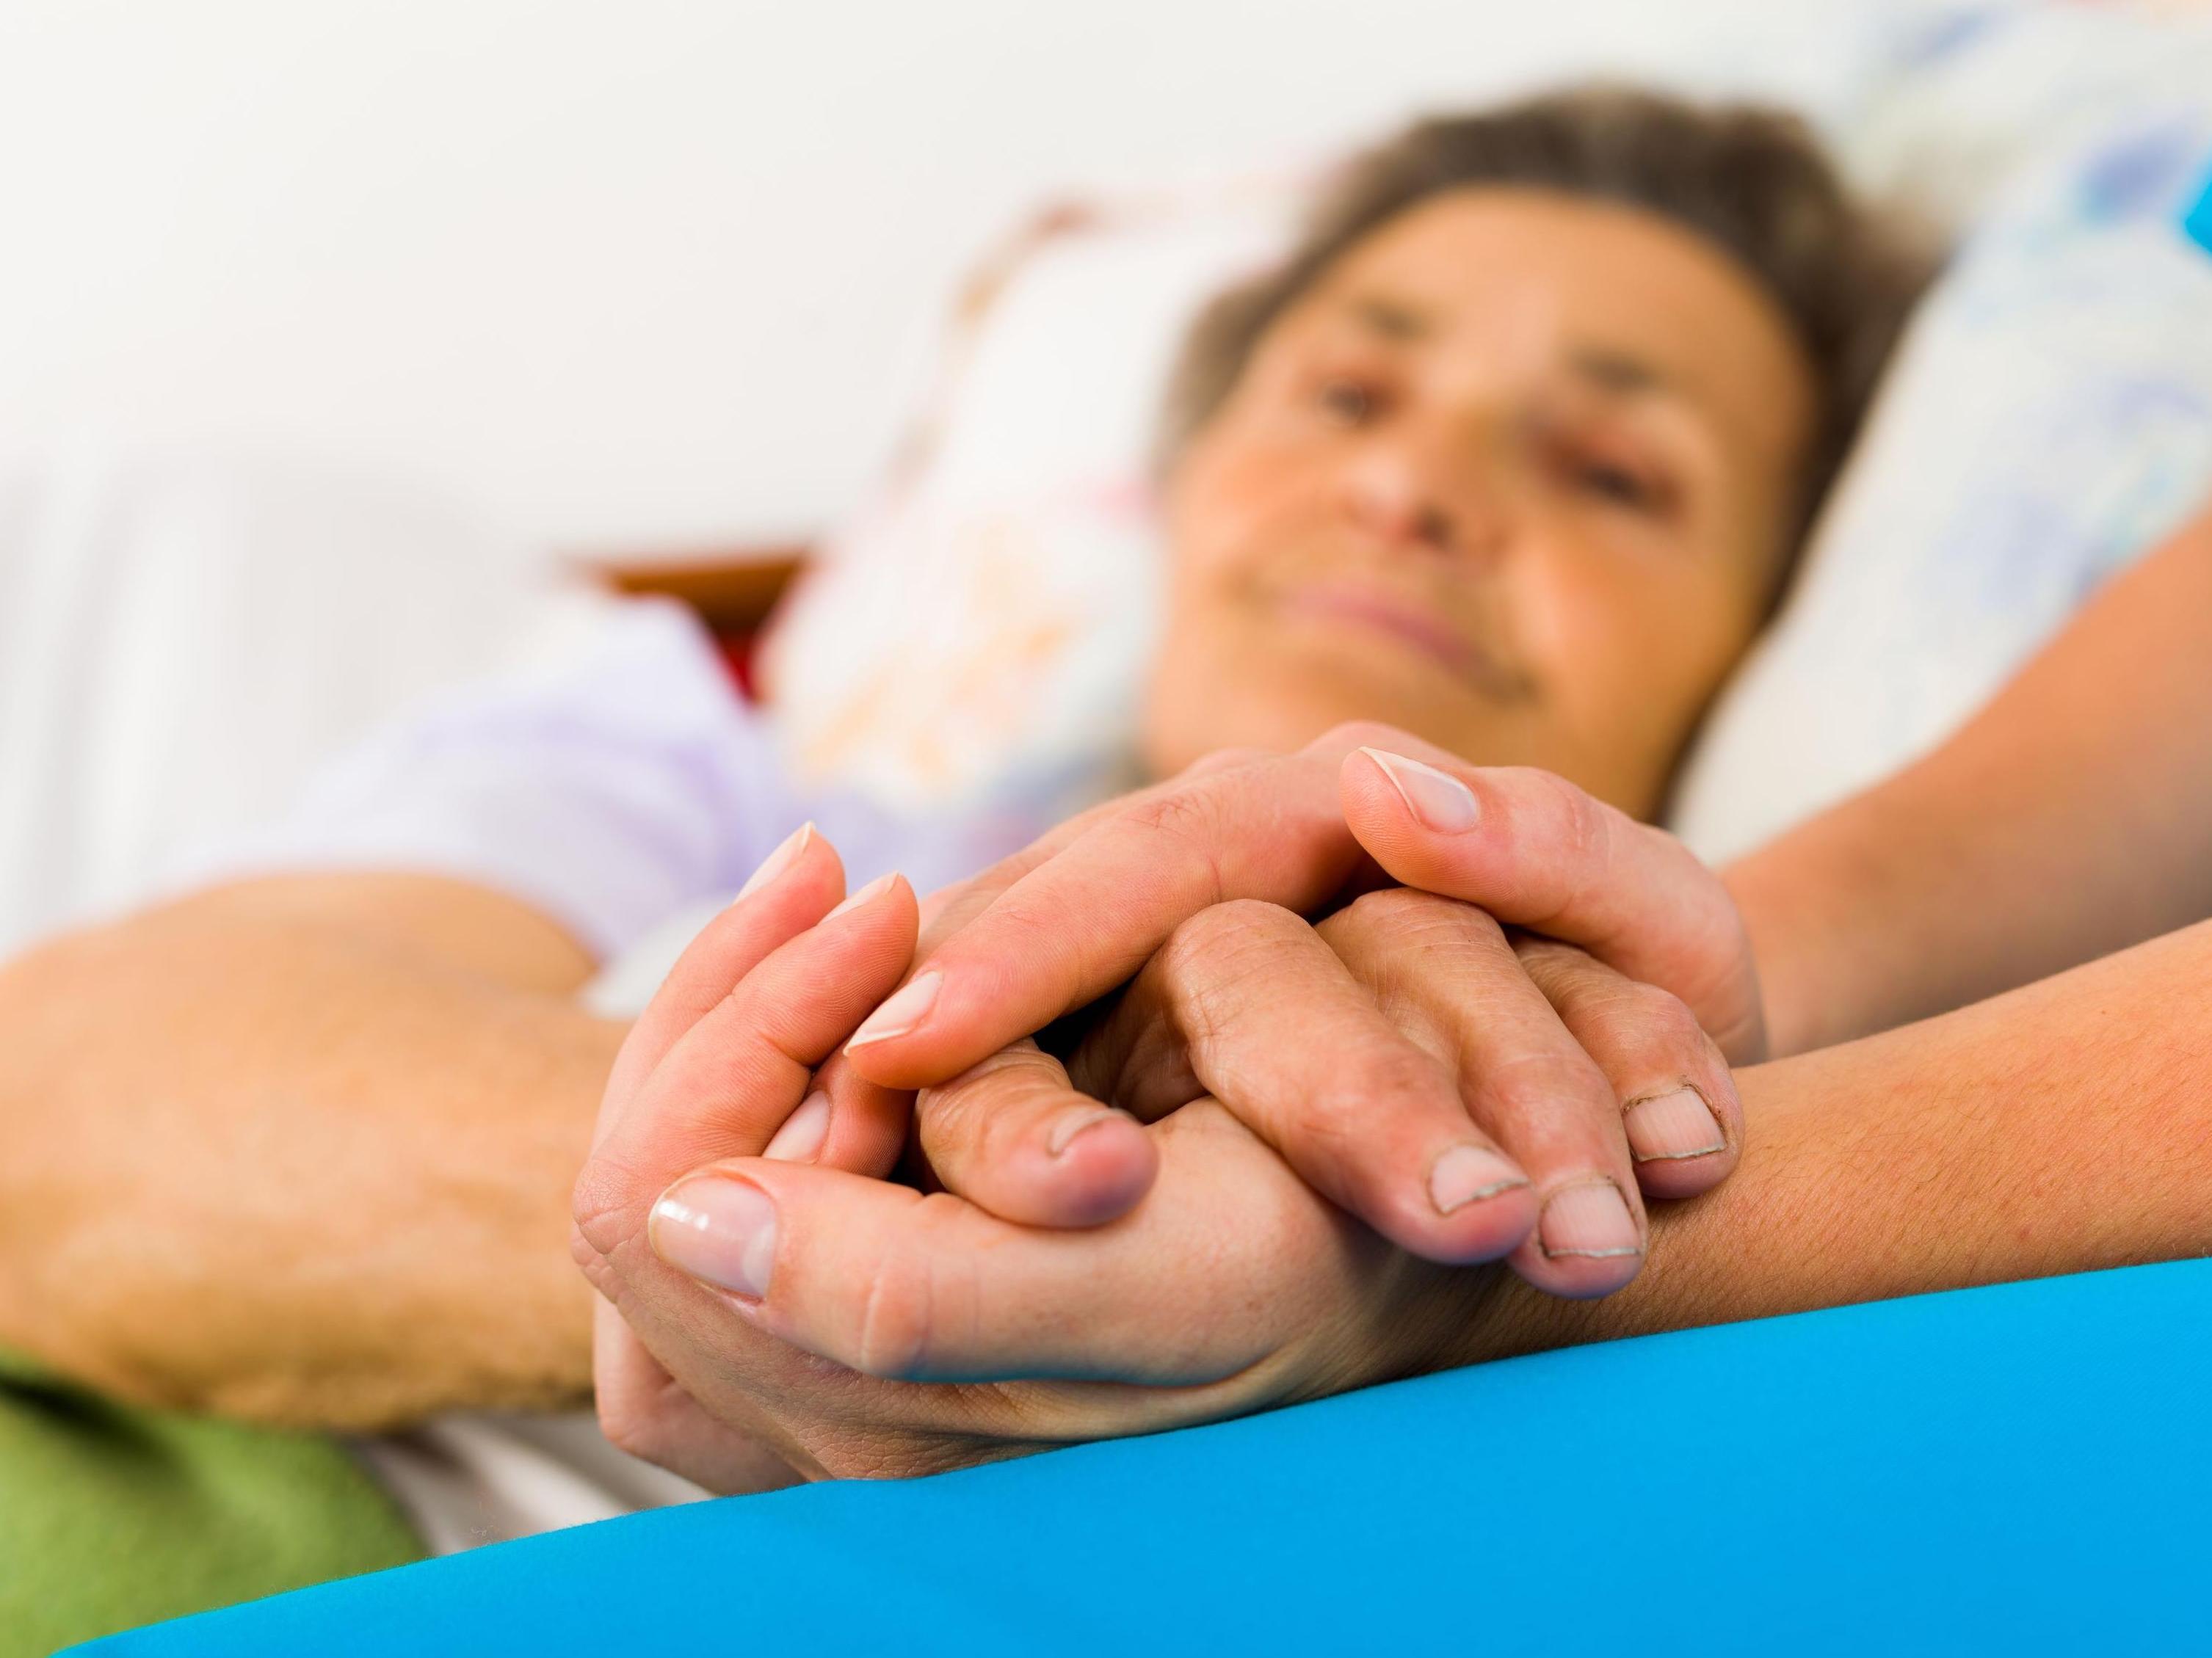 Fais ce que dois ? Réflexions sur l'accompagnement spirituel et la déontologie en milieu de soin